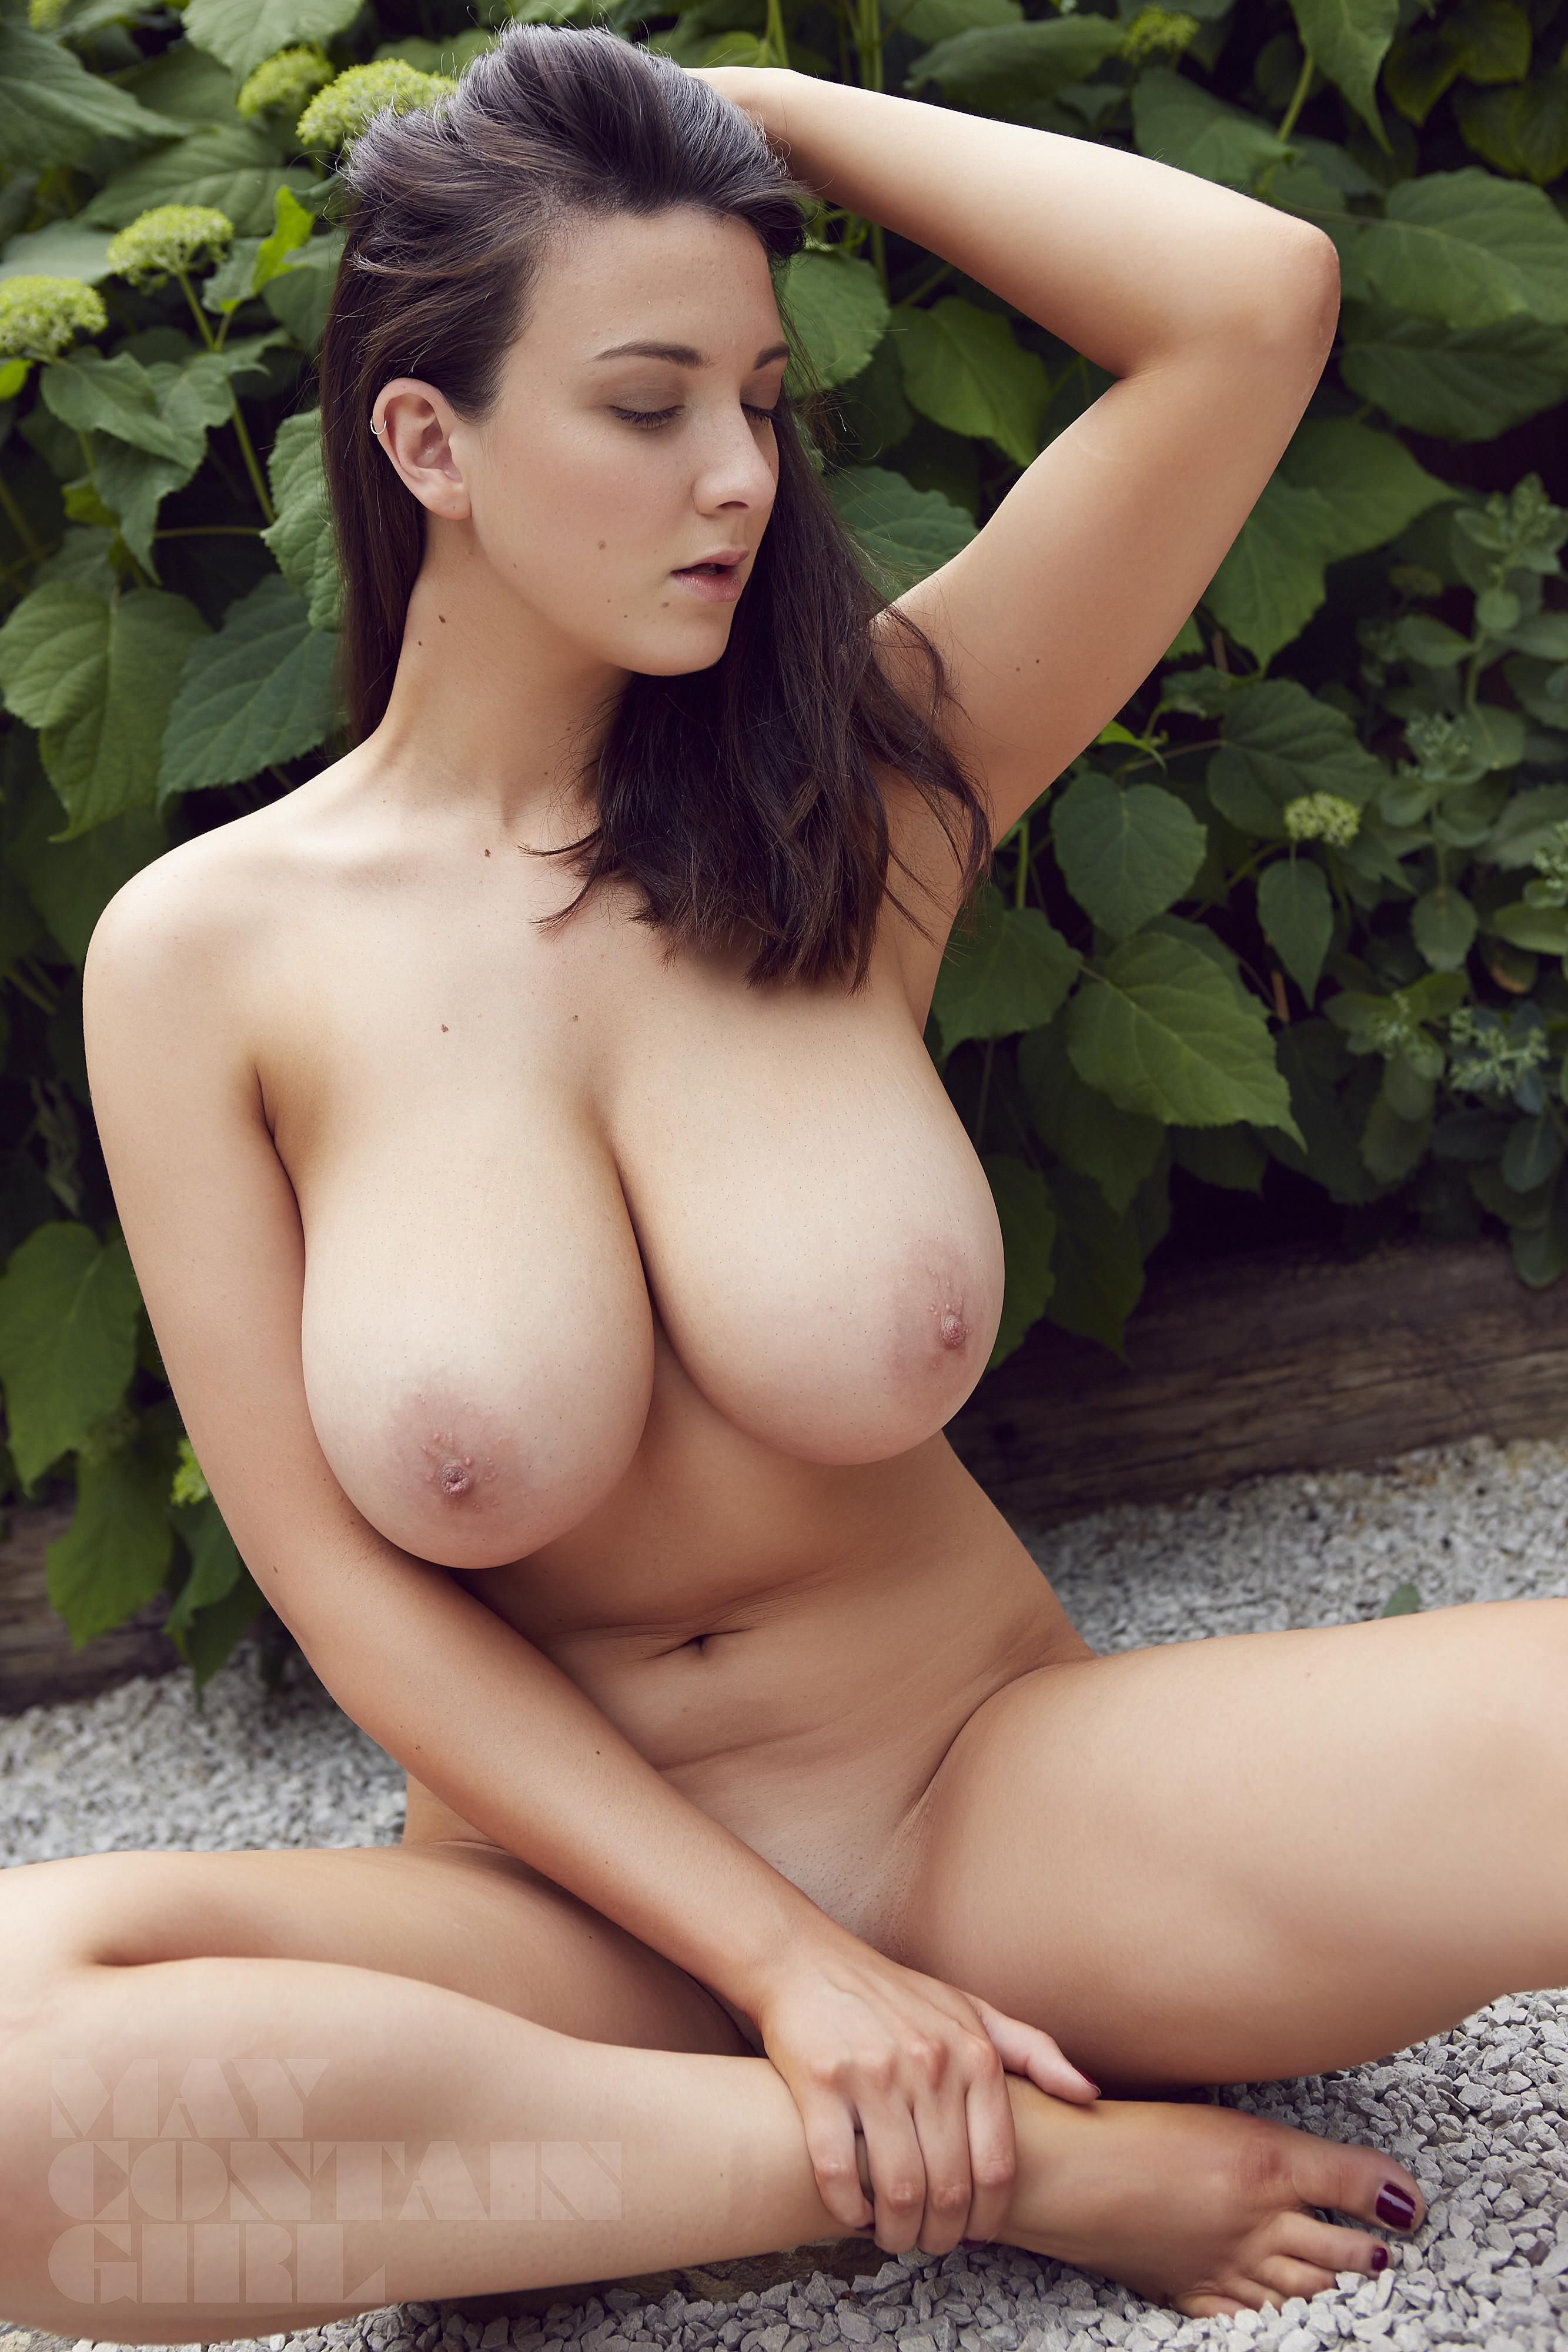 Big natural breast pics